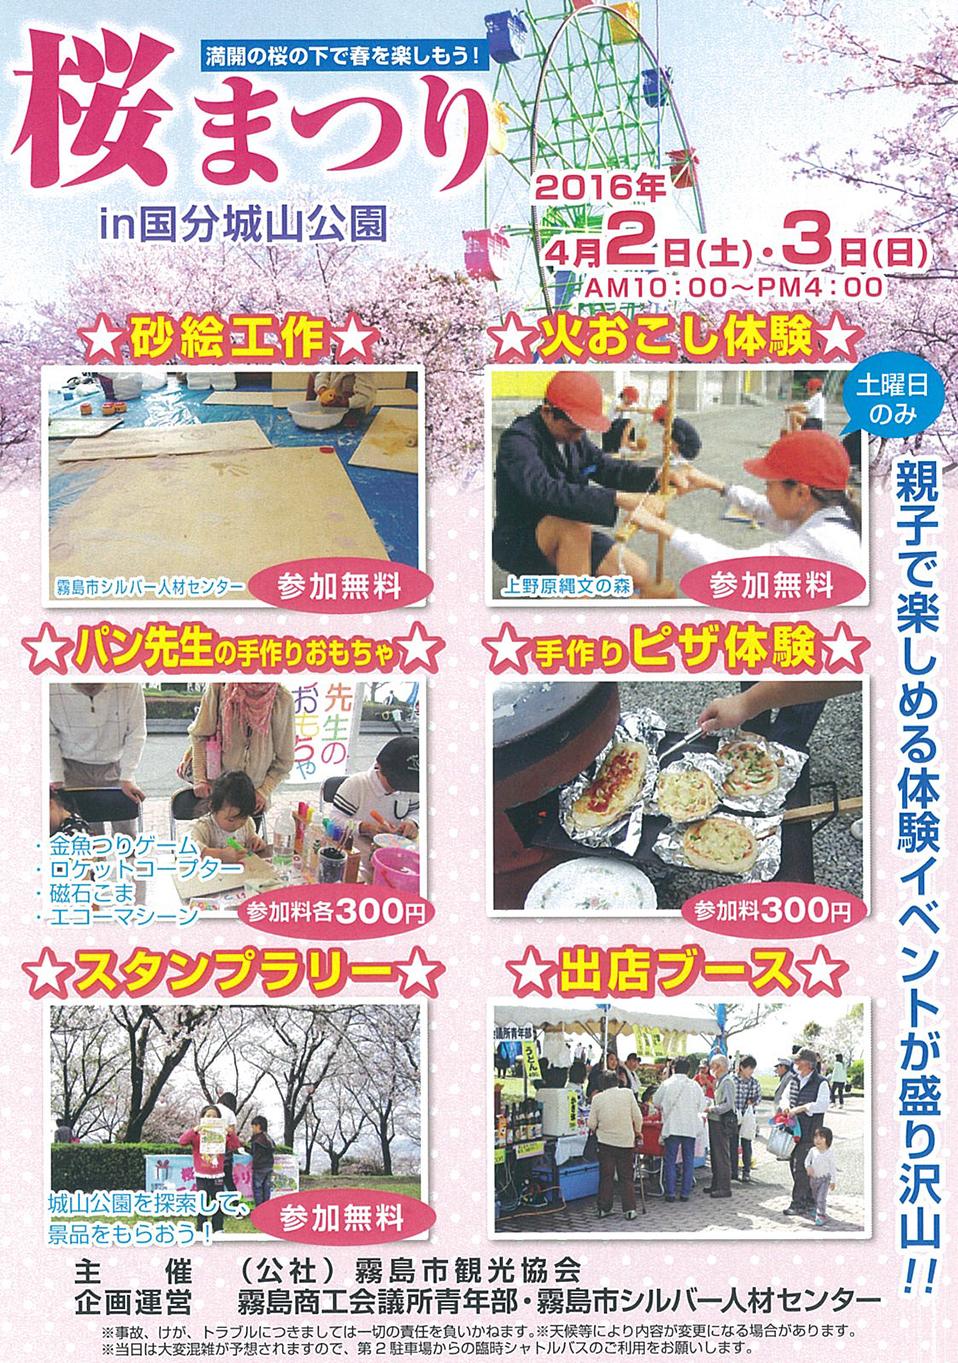 桜まつりin国分城山公園を開催のお知らせ